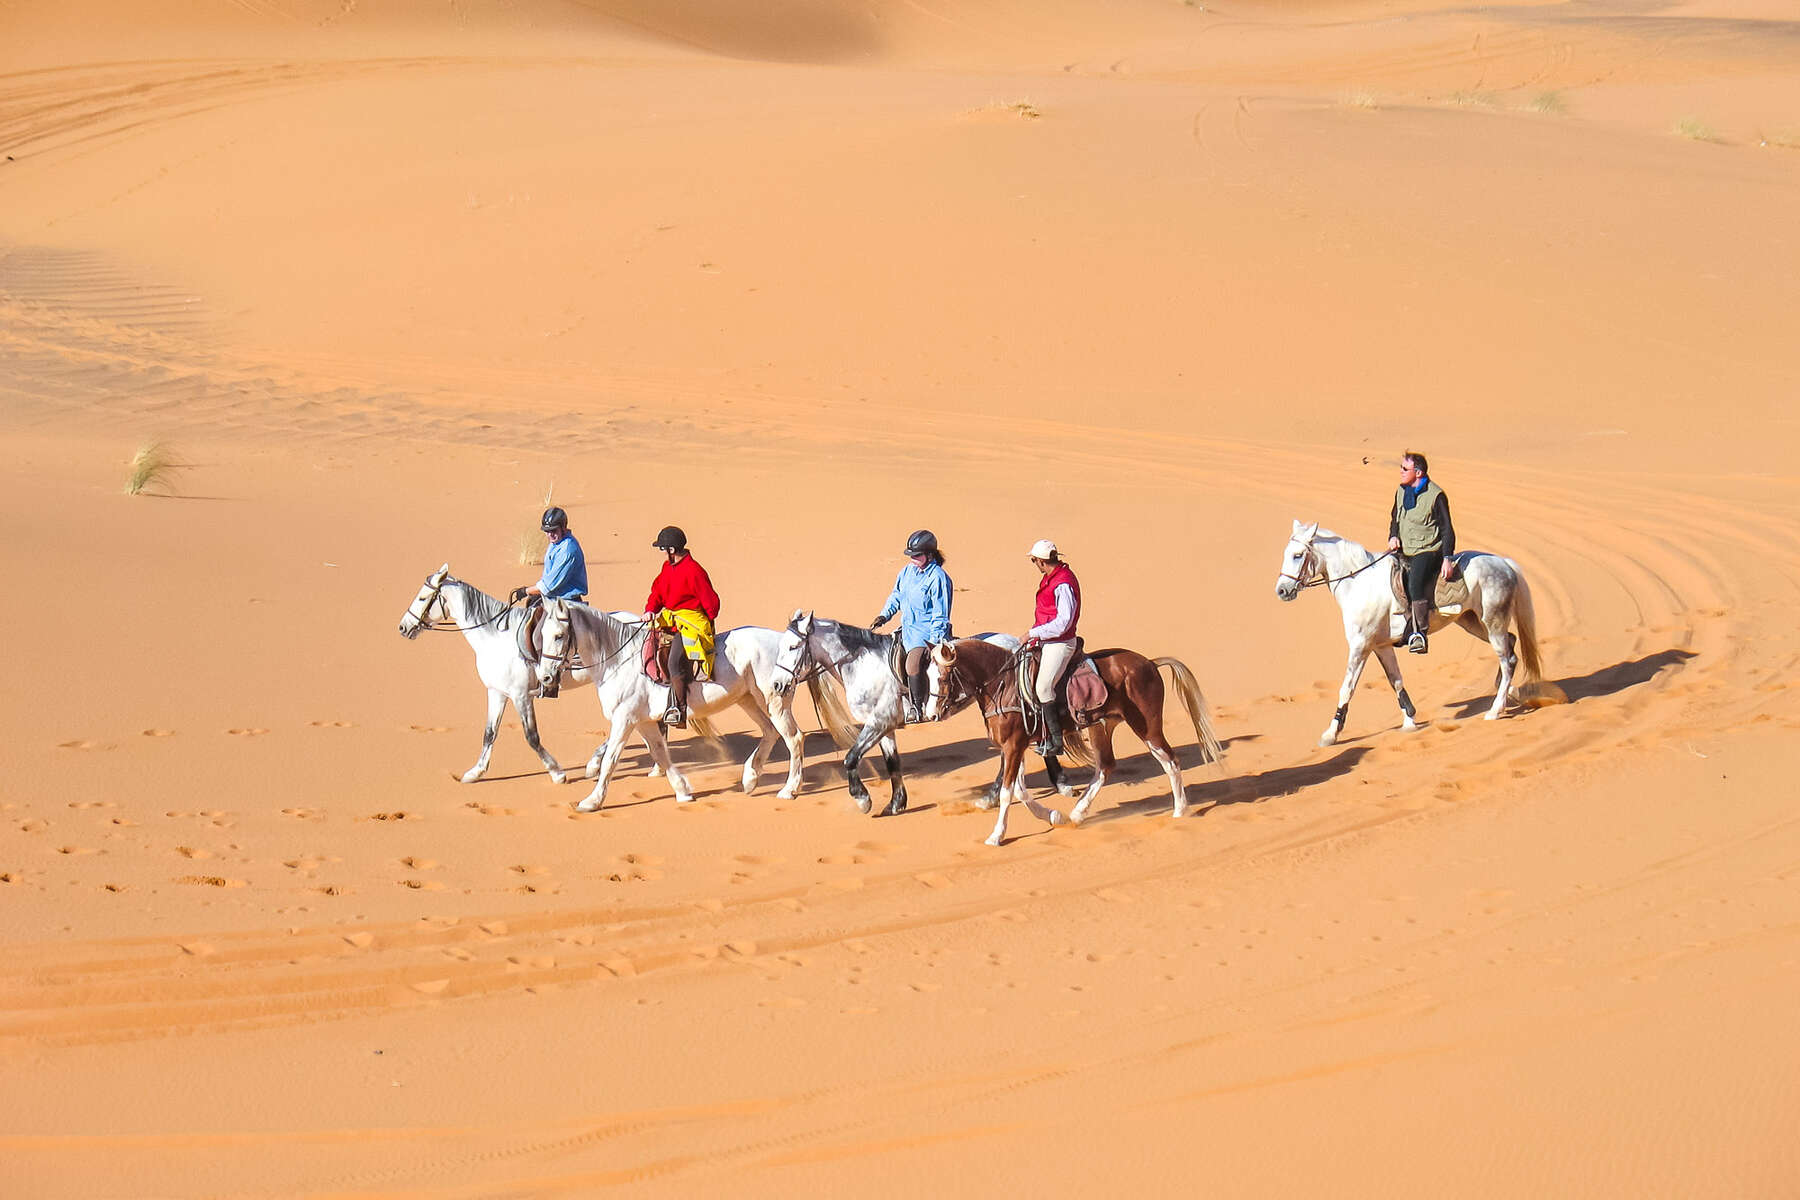 Les Randonnees A Cheval Dans Le Desert Marocain Cheval D Aventure